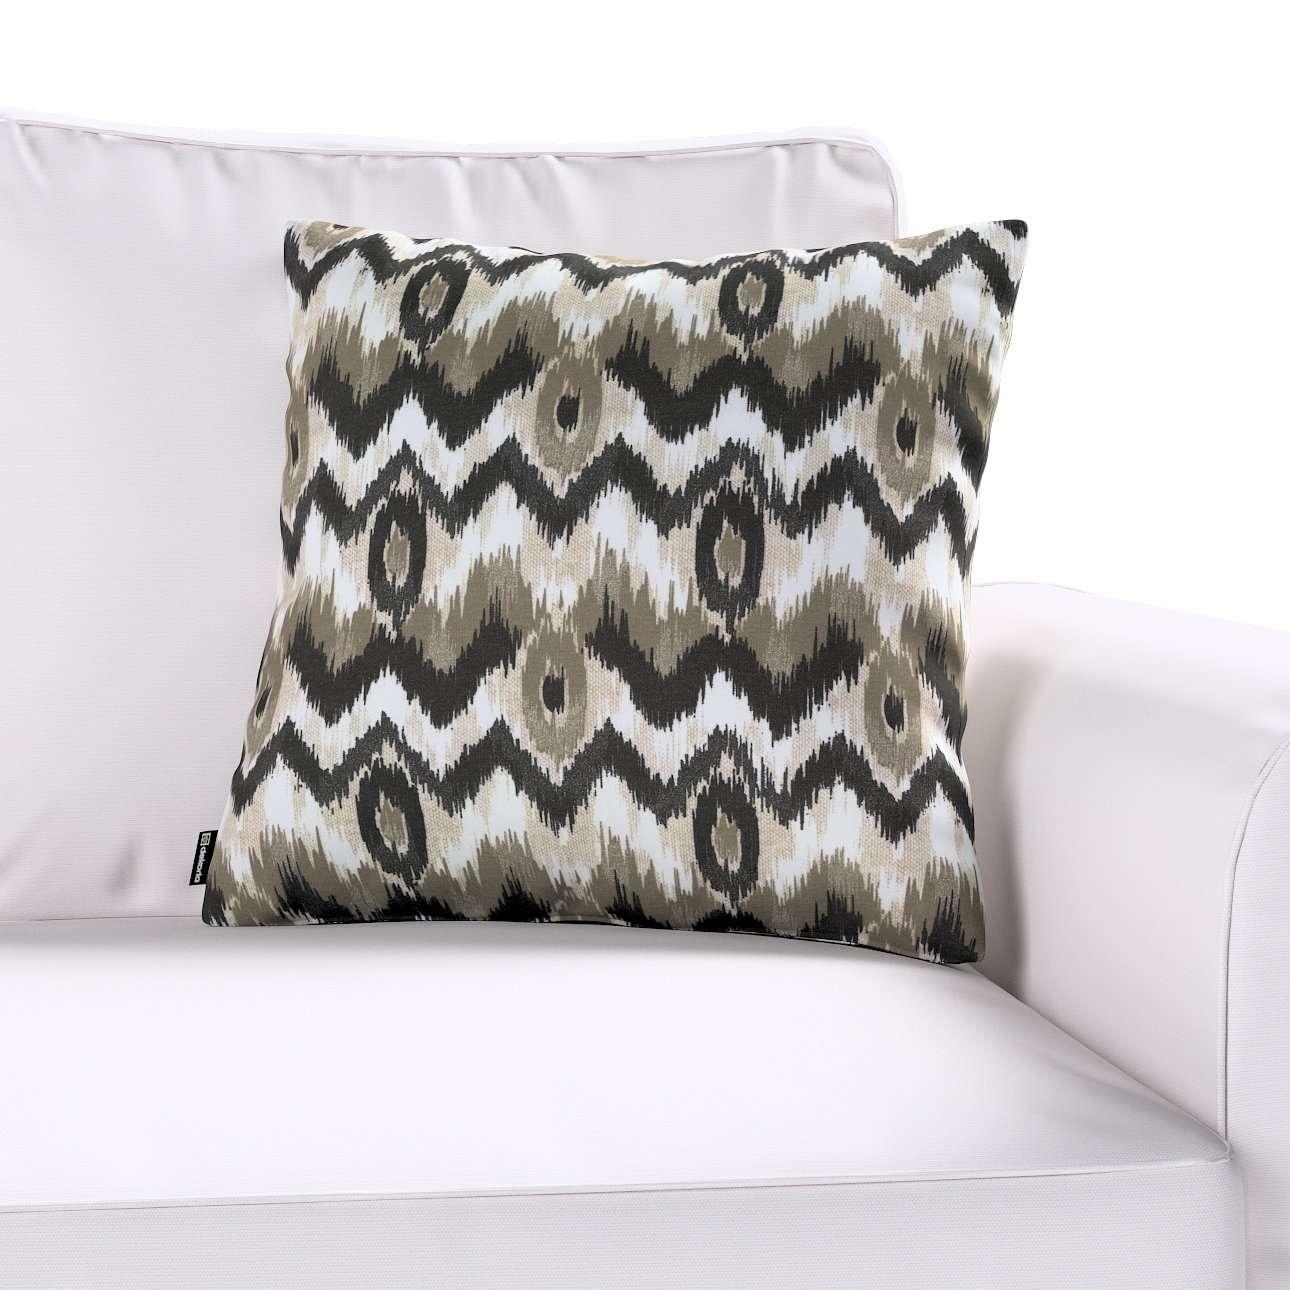 Kinga dekoratyvinės pagalvėlės užvalkalas kolekcijoje Modern, audinys: 141-88